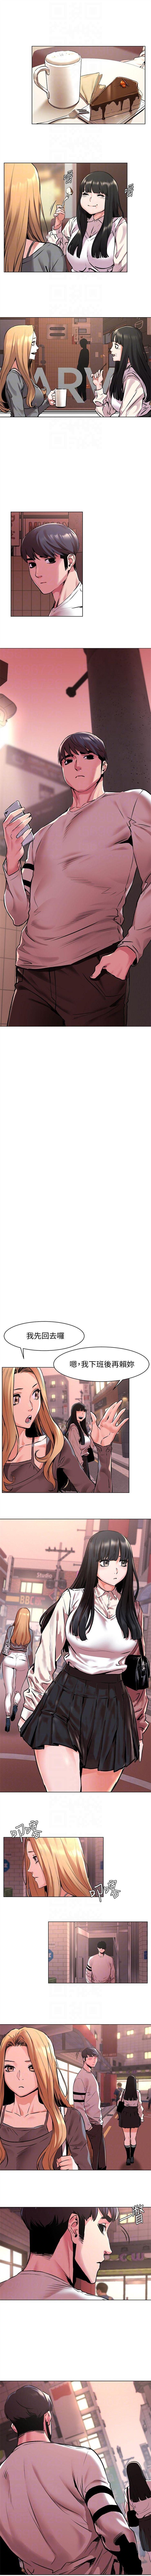 衝突 1-100官方中文(連載中) 332